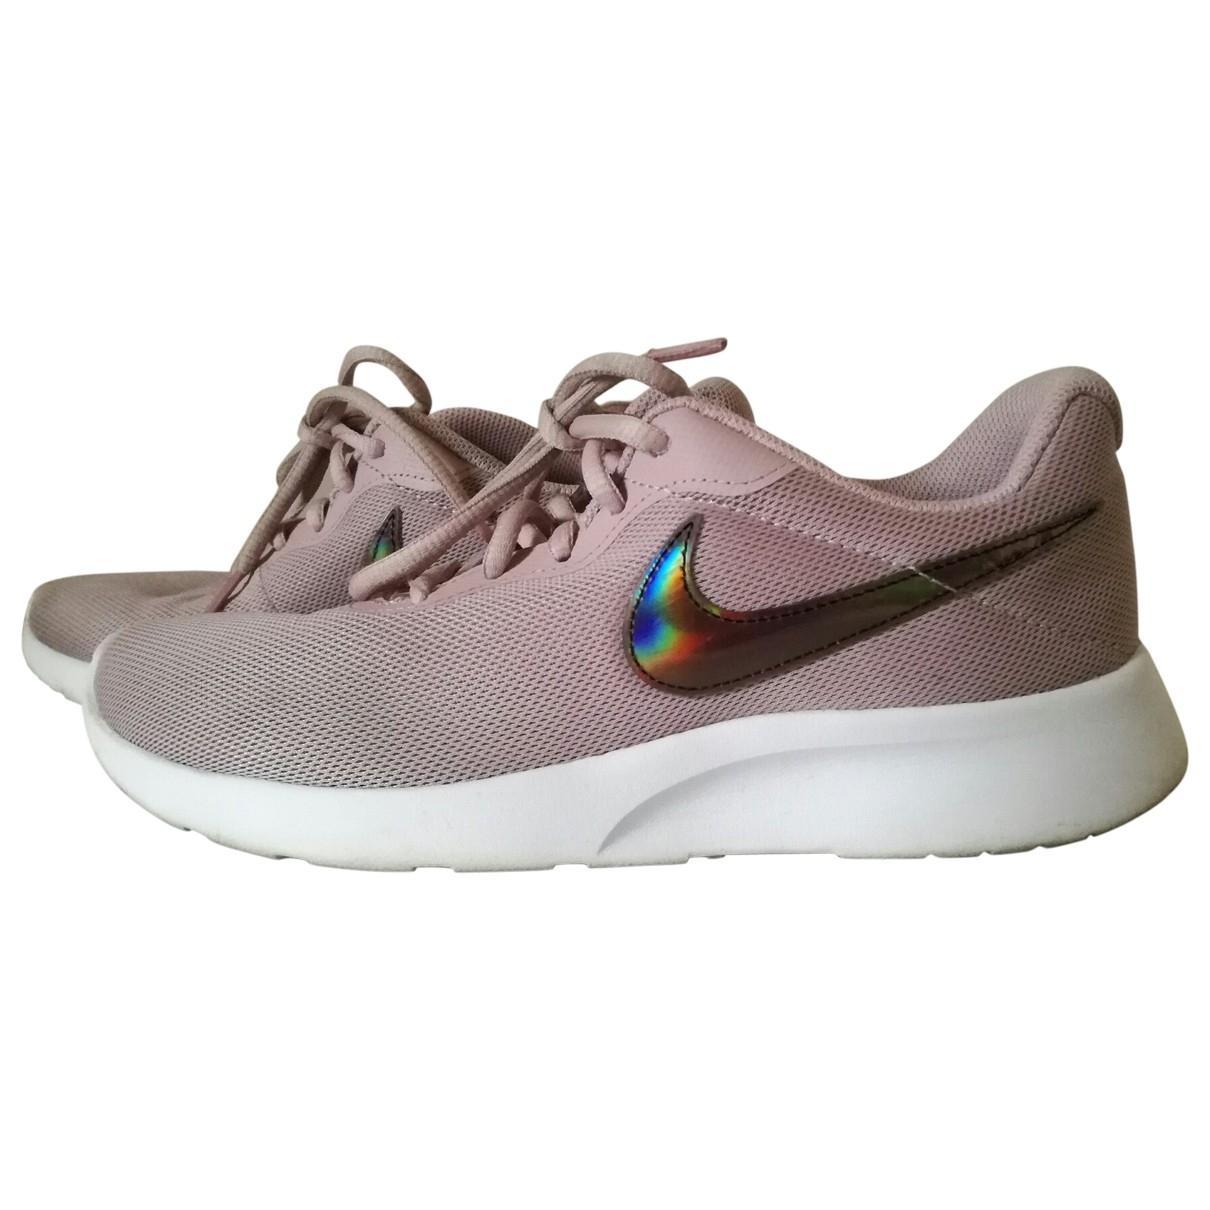 Nike - Baskets Roshe Run pour femme - rose